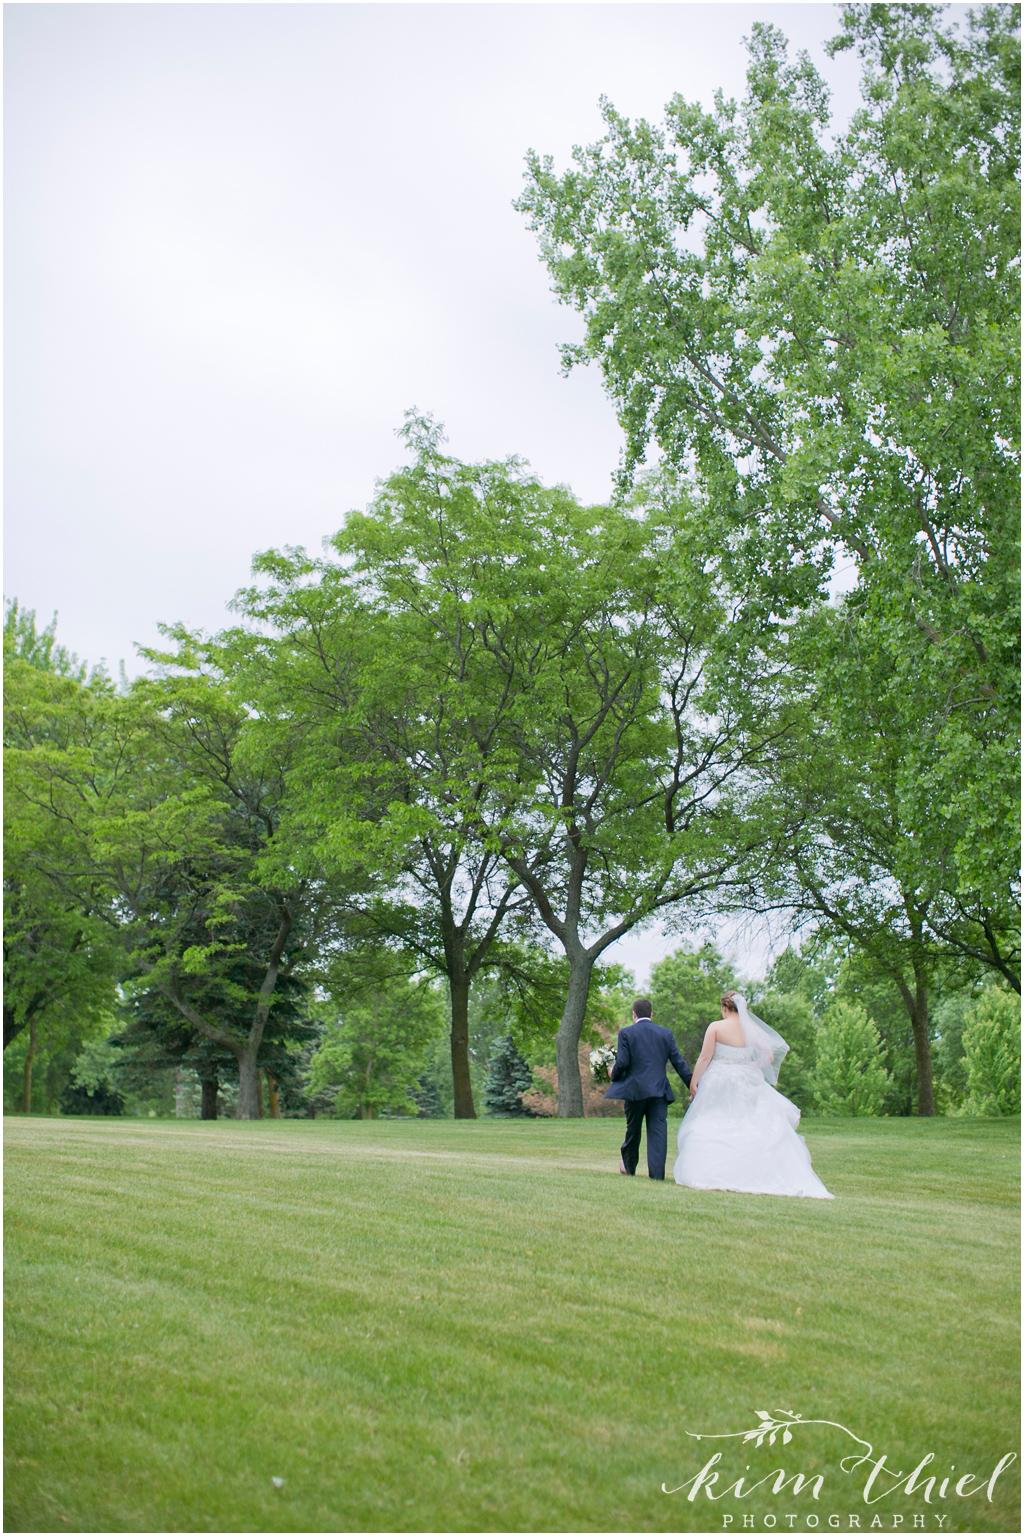 Kim-Thiel-Photography-Joyful-Wisconsin-Wedding-33